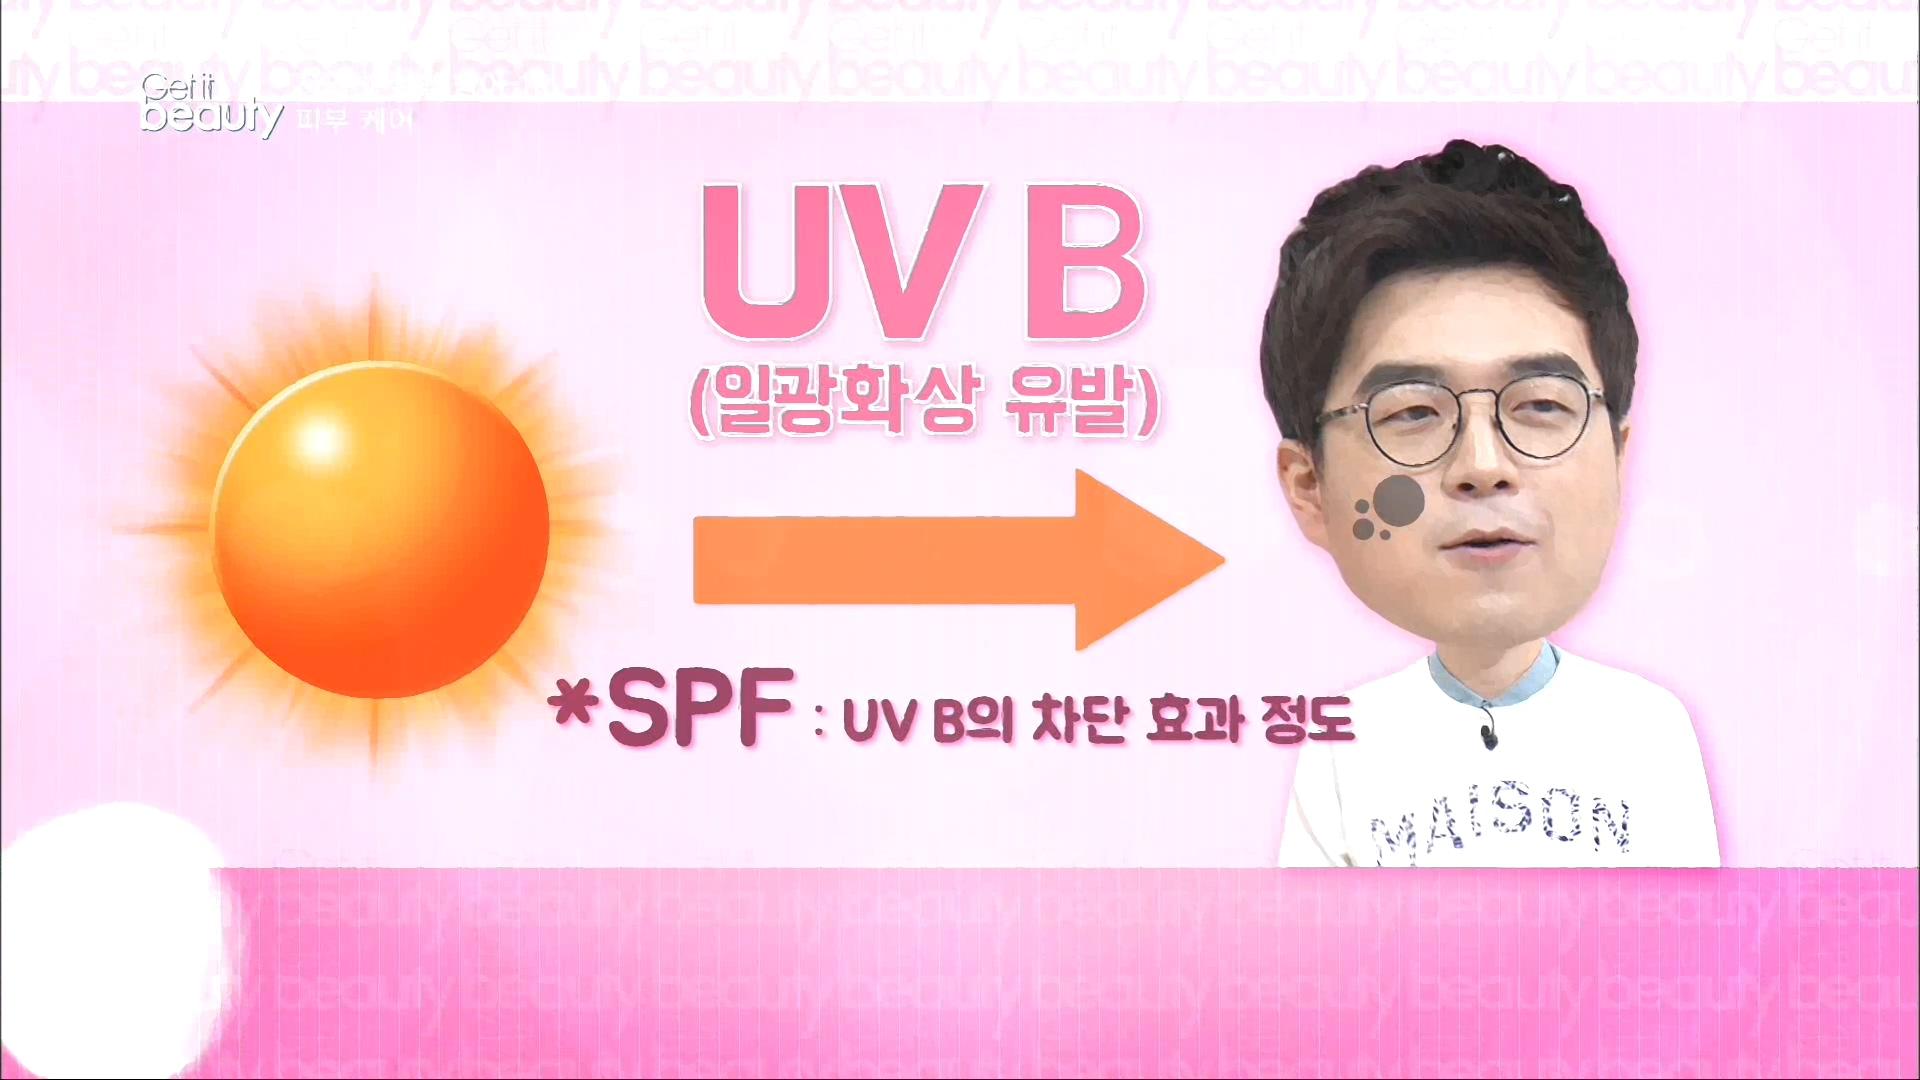 UVB는 일광화상을 많이 일으켜요. 피부를 붉게 만드는 주범이예요